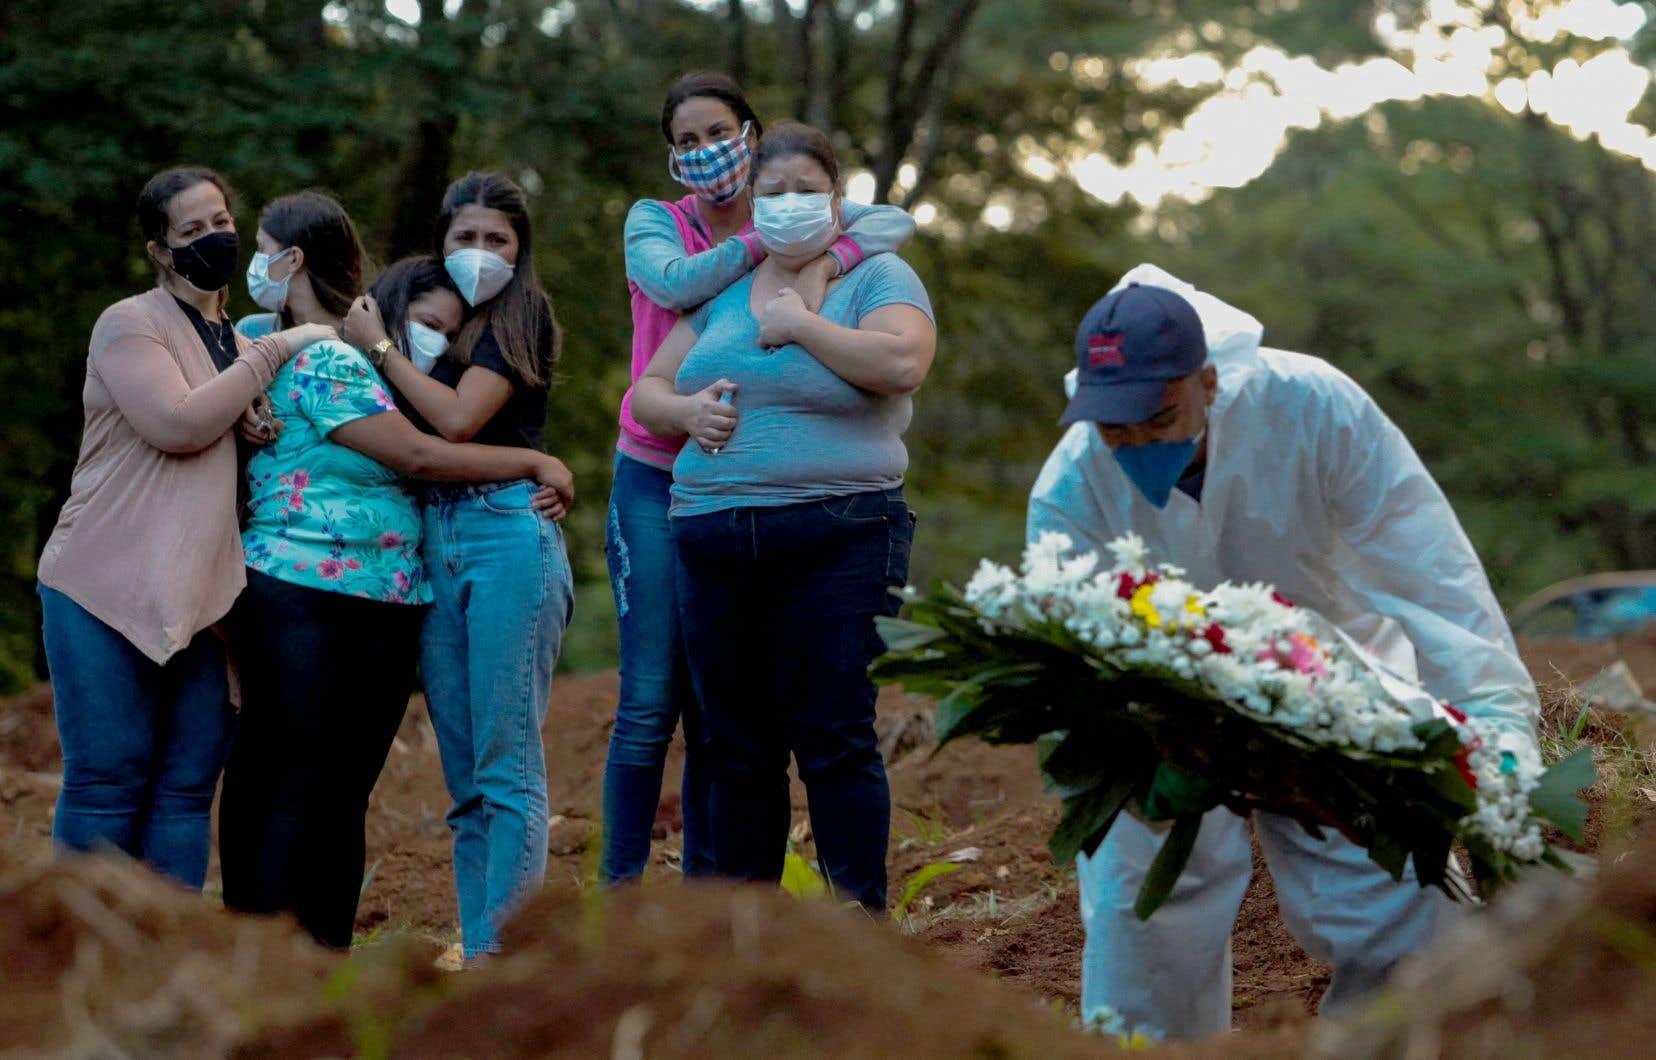 Dans la dernière semaine, plus de 19 000 personnes ont péri de la COVID-19 au Brésil, selon les plus récentes données de l'université Johns Hopkins, qui enregistre également une nouvelle flambée de contaminations dans ce pays, avec plus de 87 000 nouveaux cas détectés en 24 heures à peine. Sur la photo, les proches d'une victime de la COVID-19 assistent à son enterrement dans un cimetière de São Paulo.